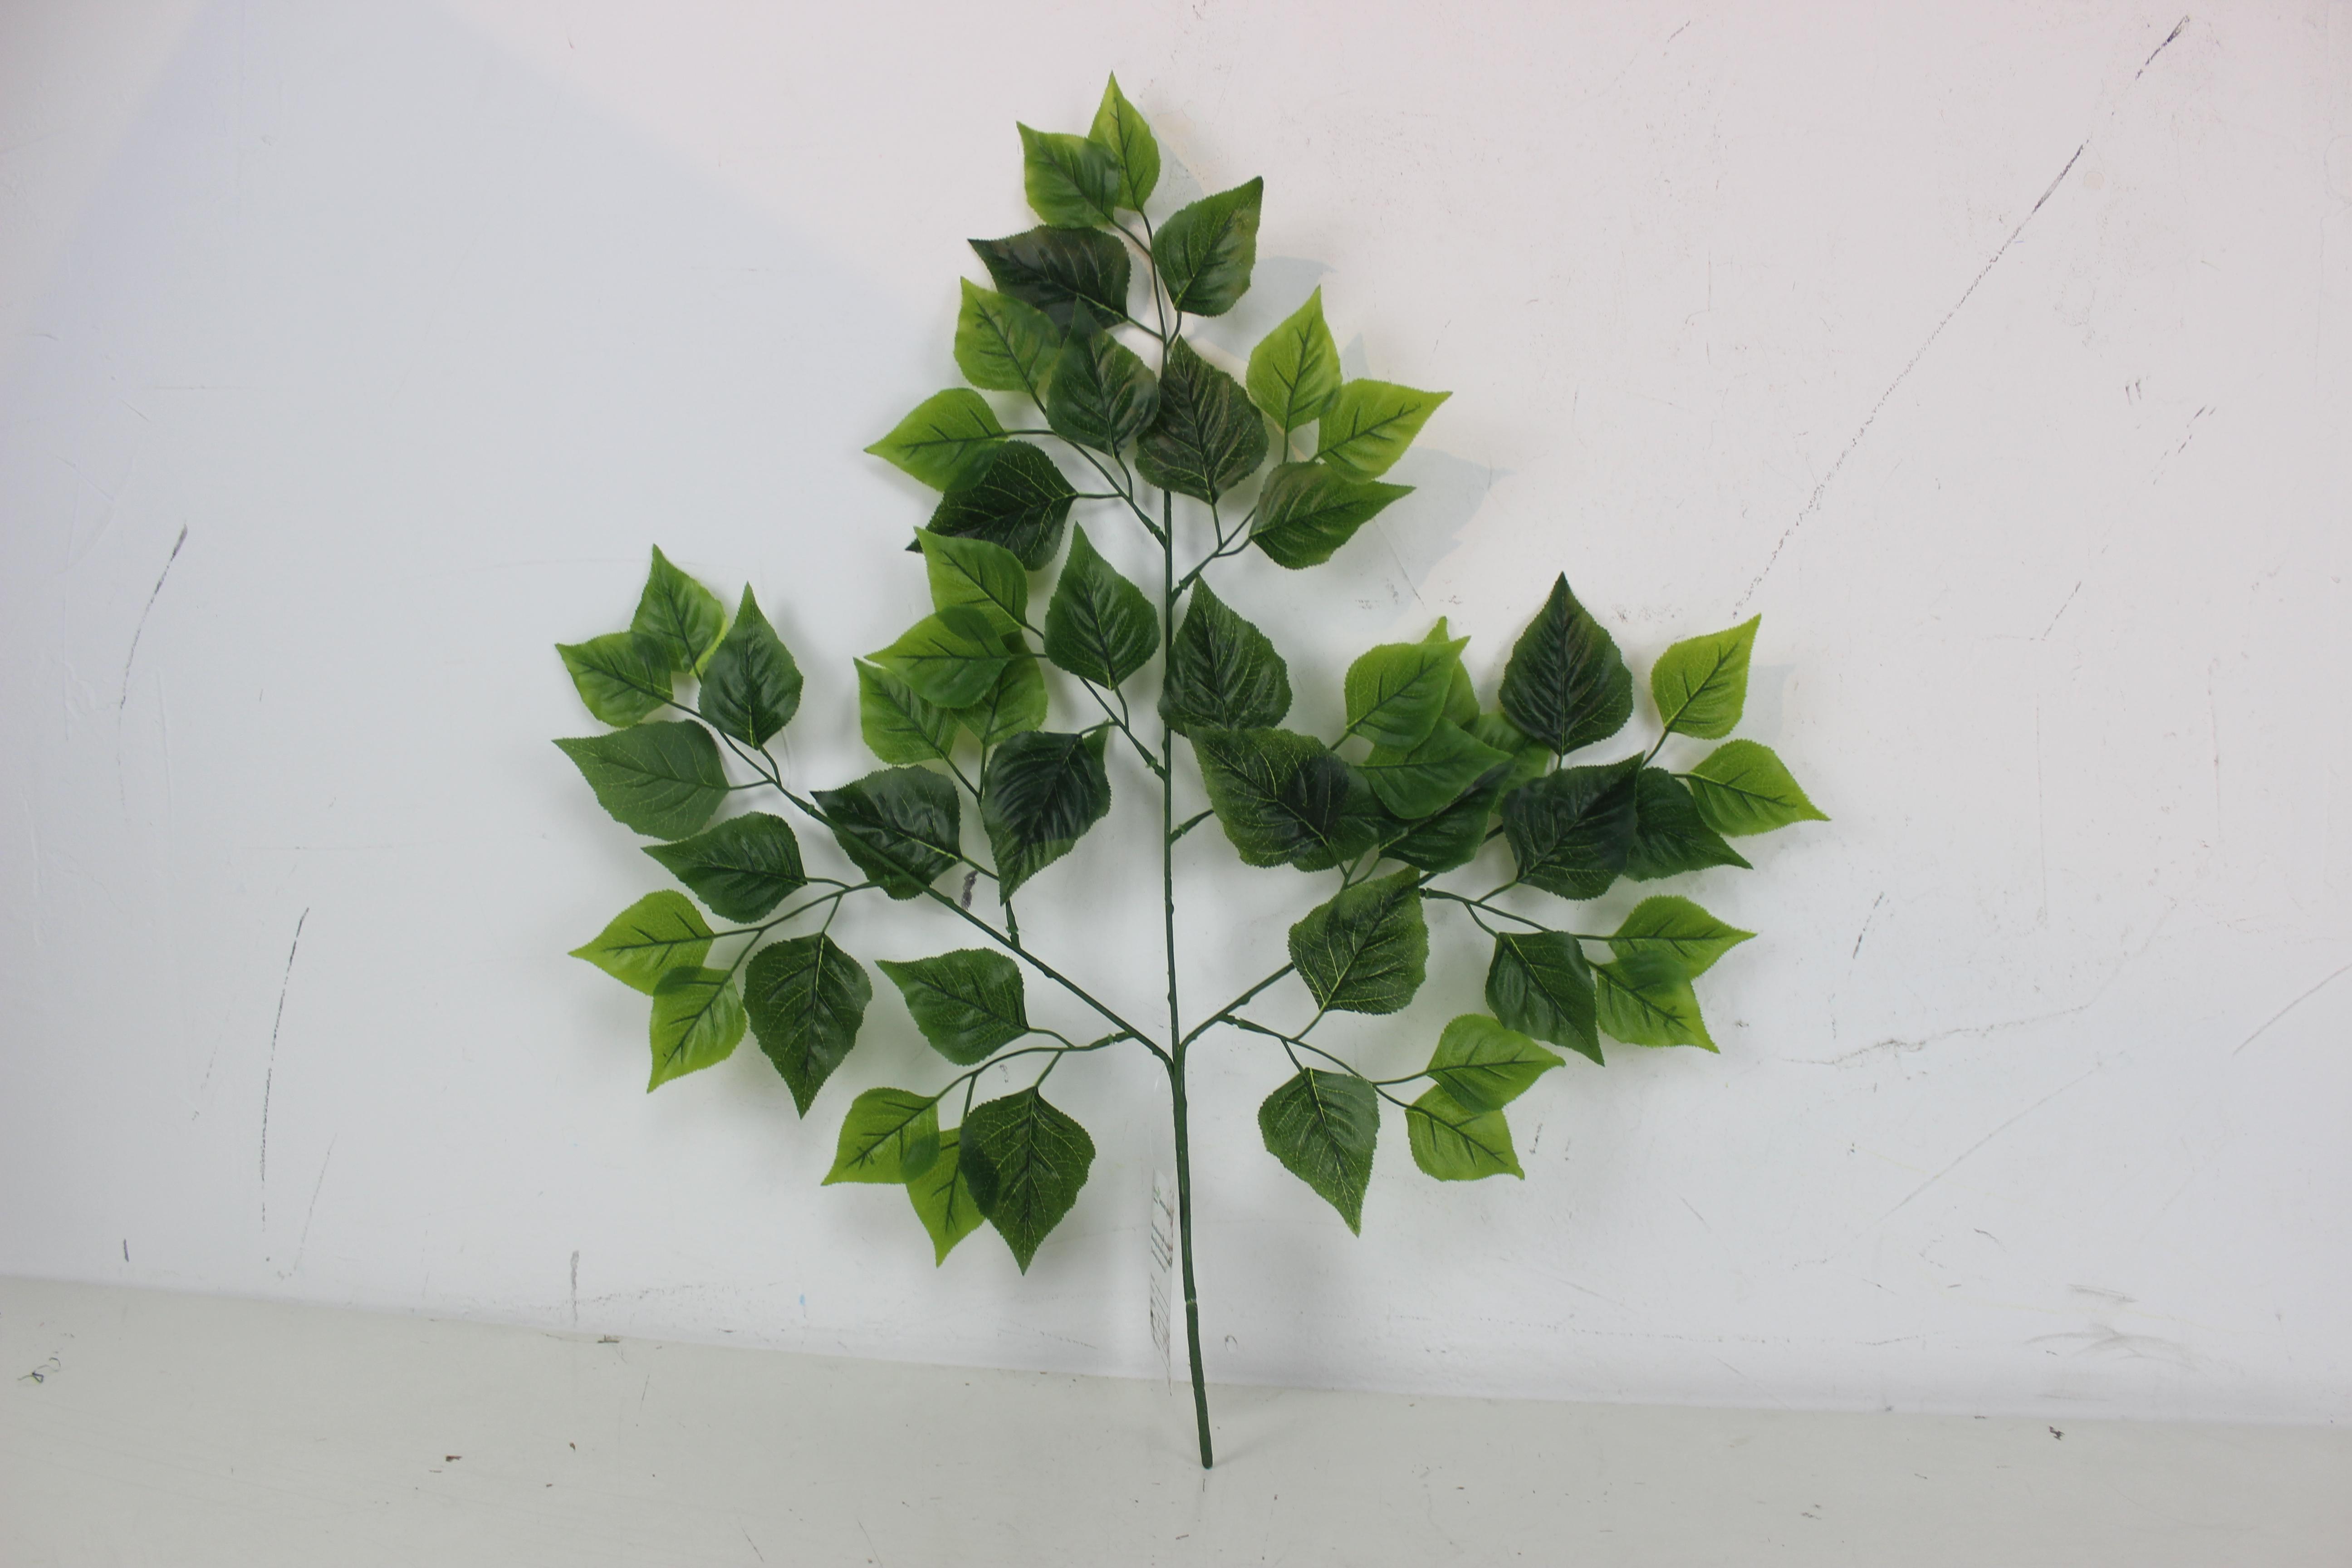 性能:仿真榕树叶叶杆